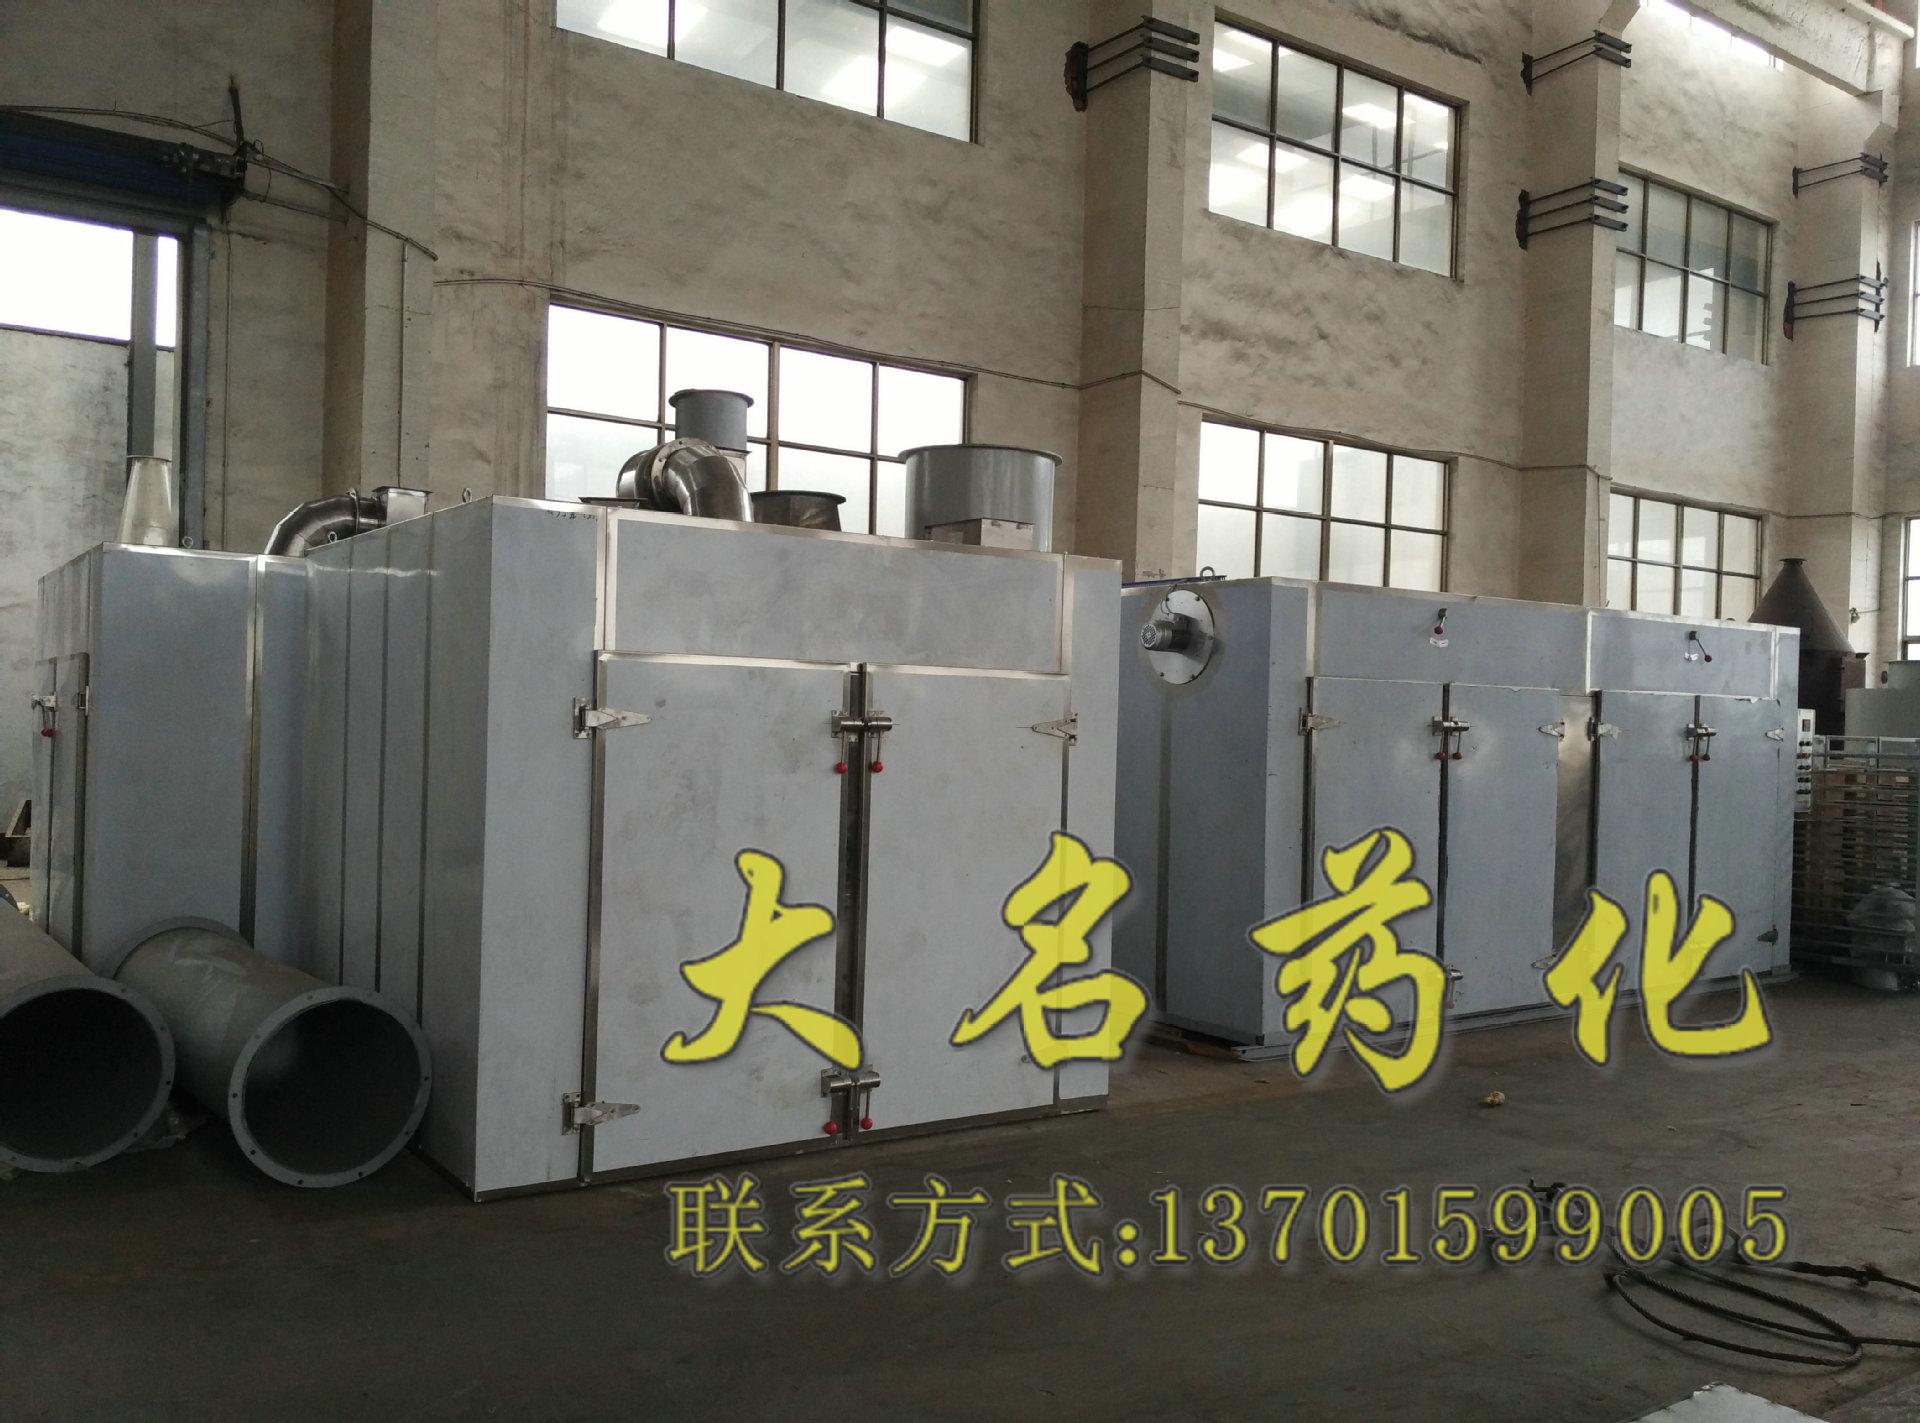 热风循环烘箱_老厂直销工业烘箱、热风循环烘箱、。承接非标定制